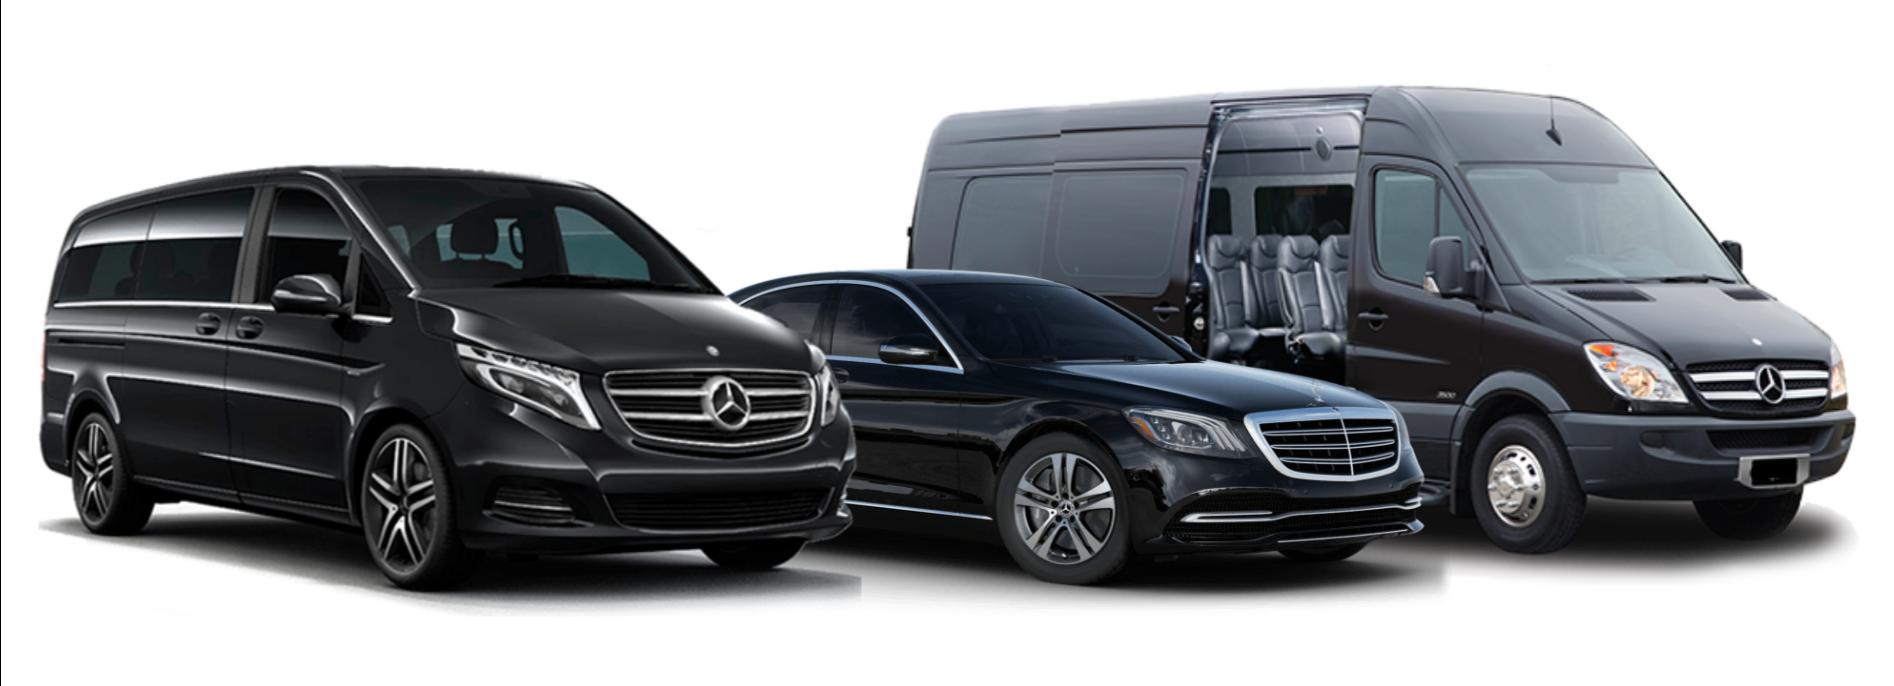 switzerland car service fleet for zurich airport transfers